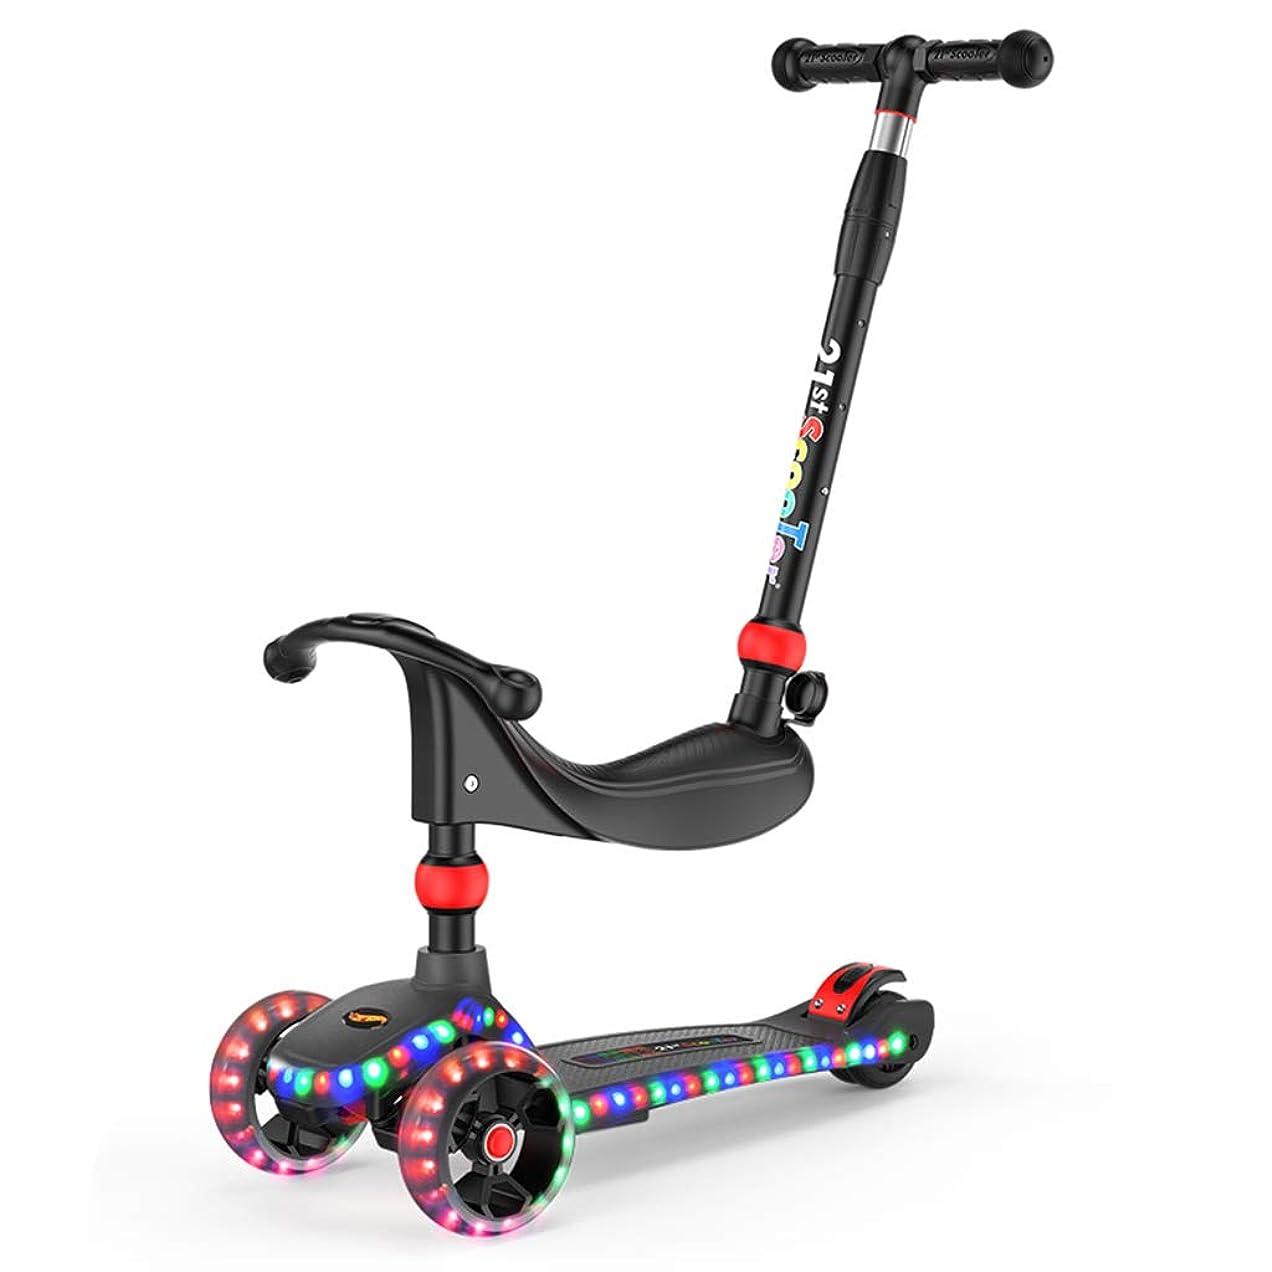 時退屈クリア子ども用自転車 子供のスクーター 3~12歳のベビーシート 子供4輪自転車 子供の幼児のトロリー スクーターを蹴って少年少女/座って子供の自転車 (Color : Black, Size : 61cm*27cm*85cm)